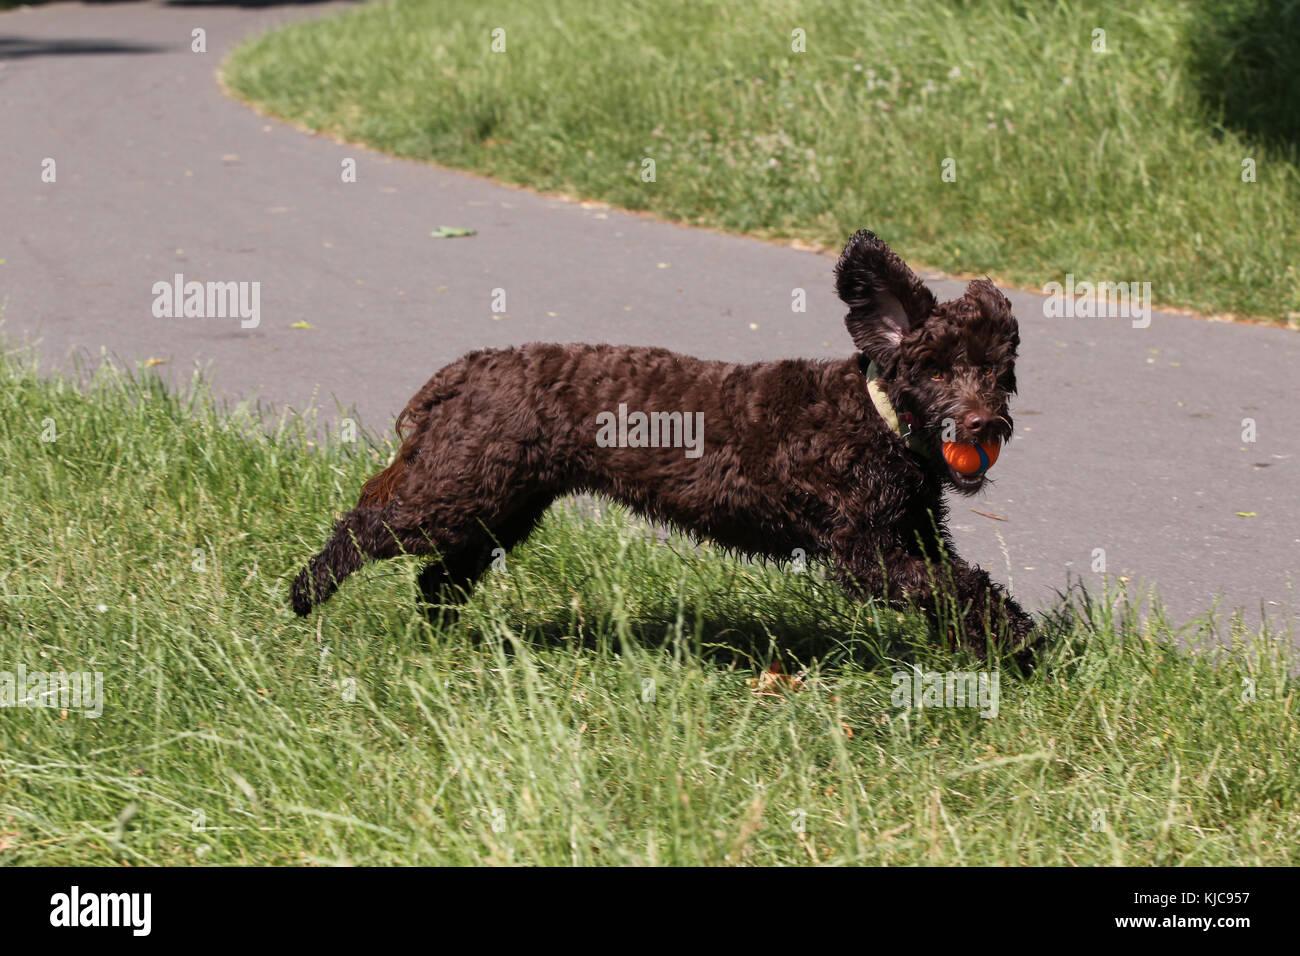 Cockerpoo Cockapoo Cocker Poodle - Stock Image